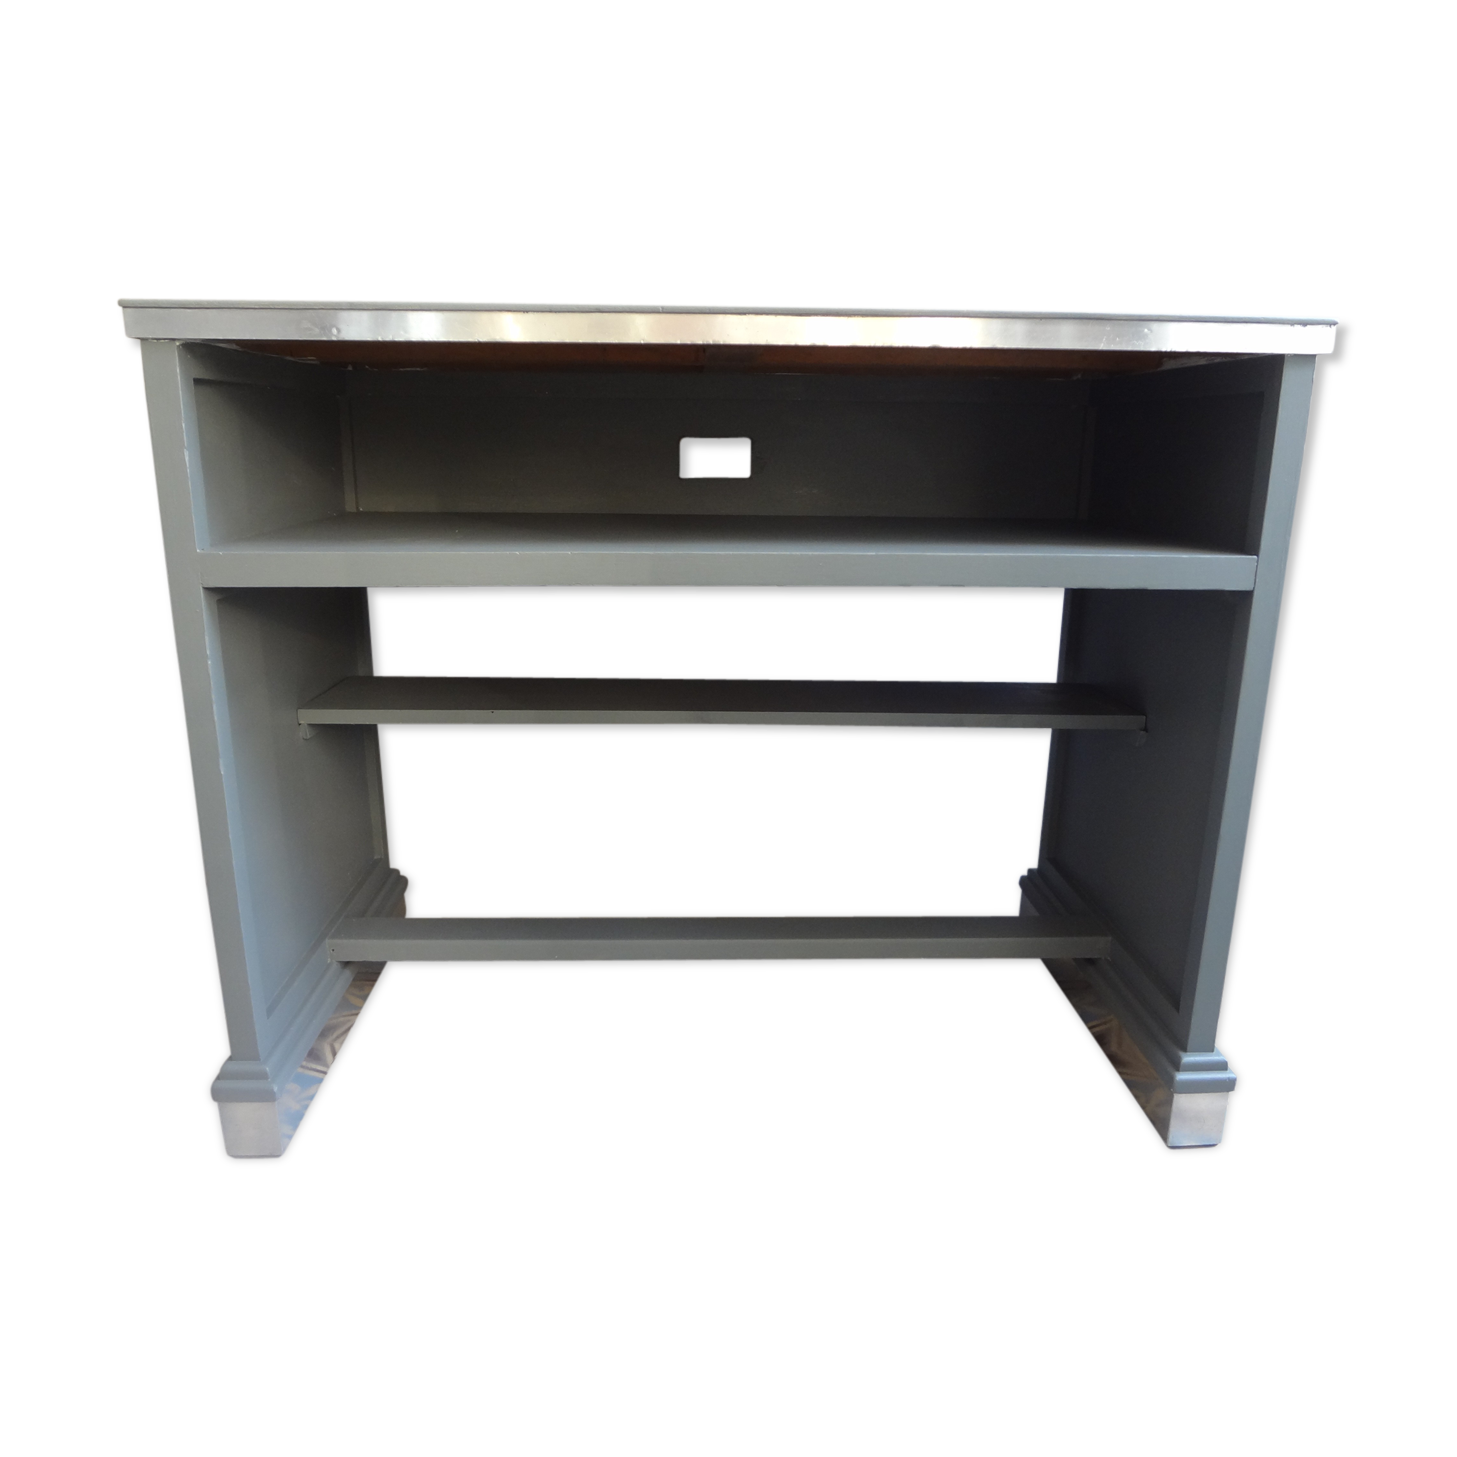 Bureau bois peint avec casier bois matériau gris classique